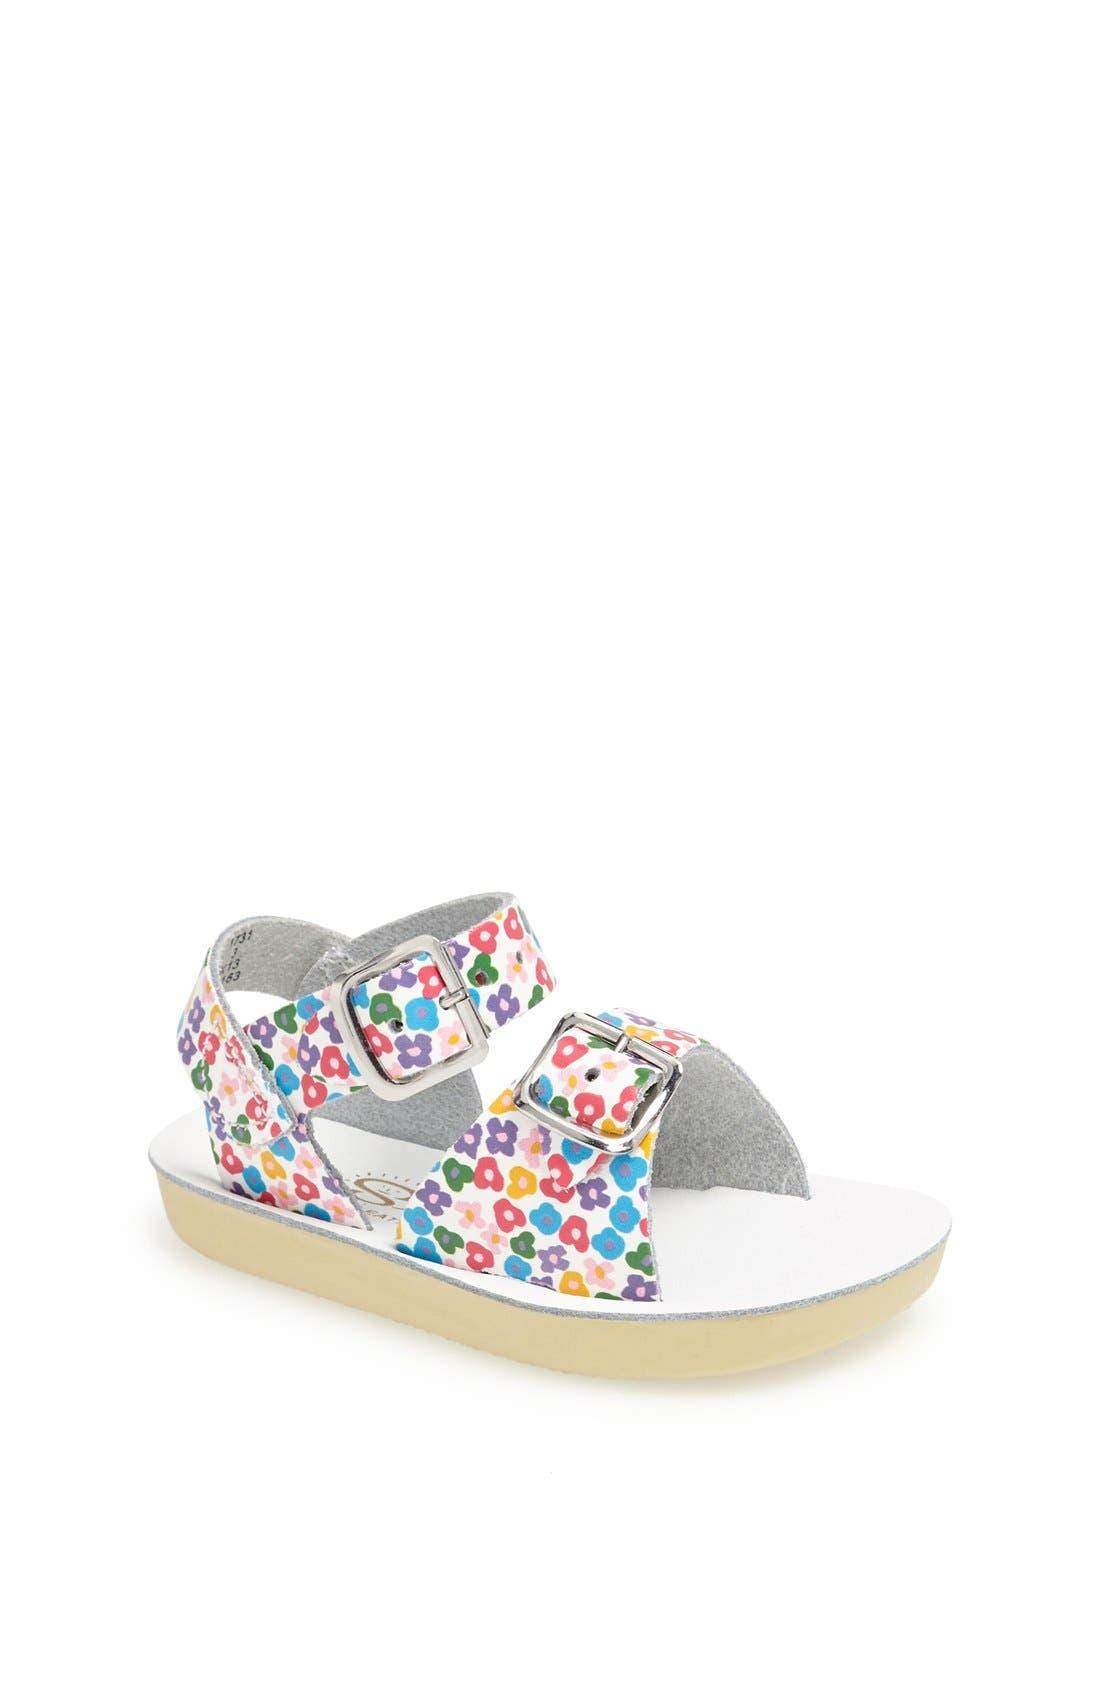 Hoy Shoe Salt-Water® Sandals 'Surfer' Sandal (Baby, Walker, Toddler & Little Kid)